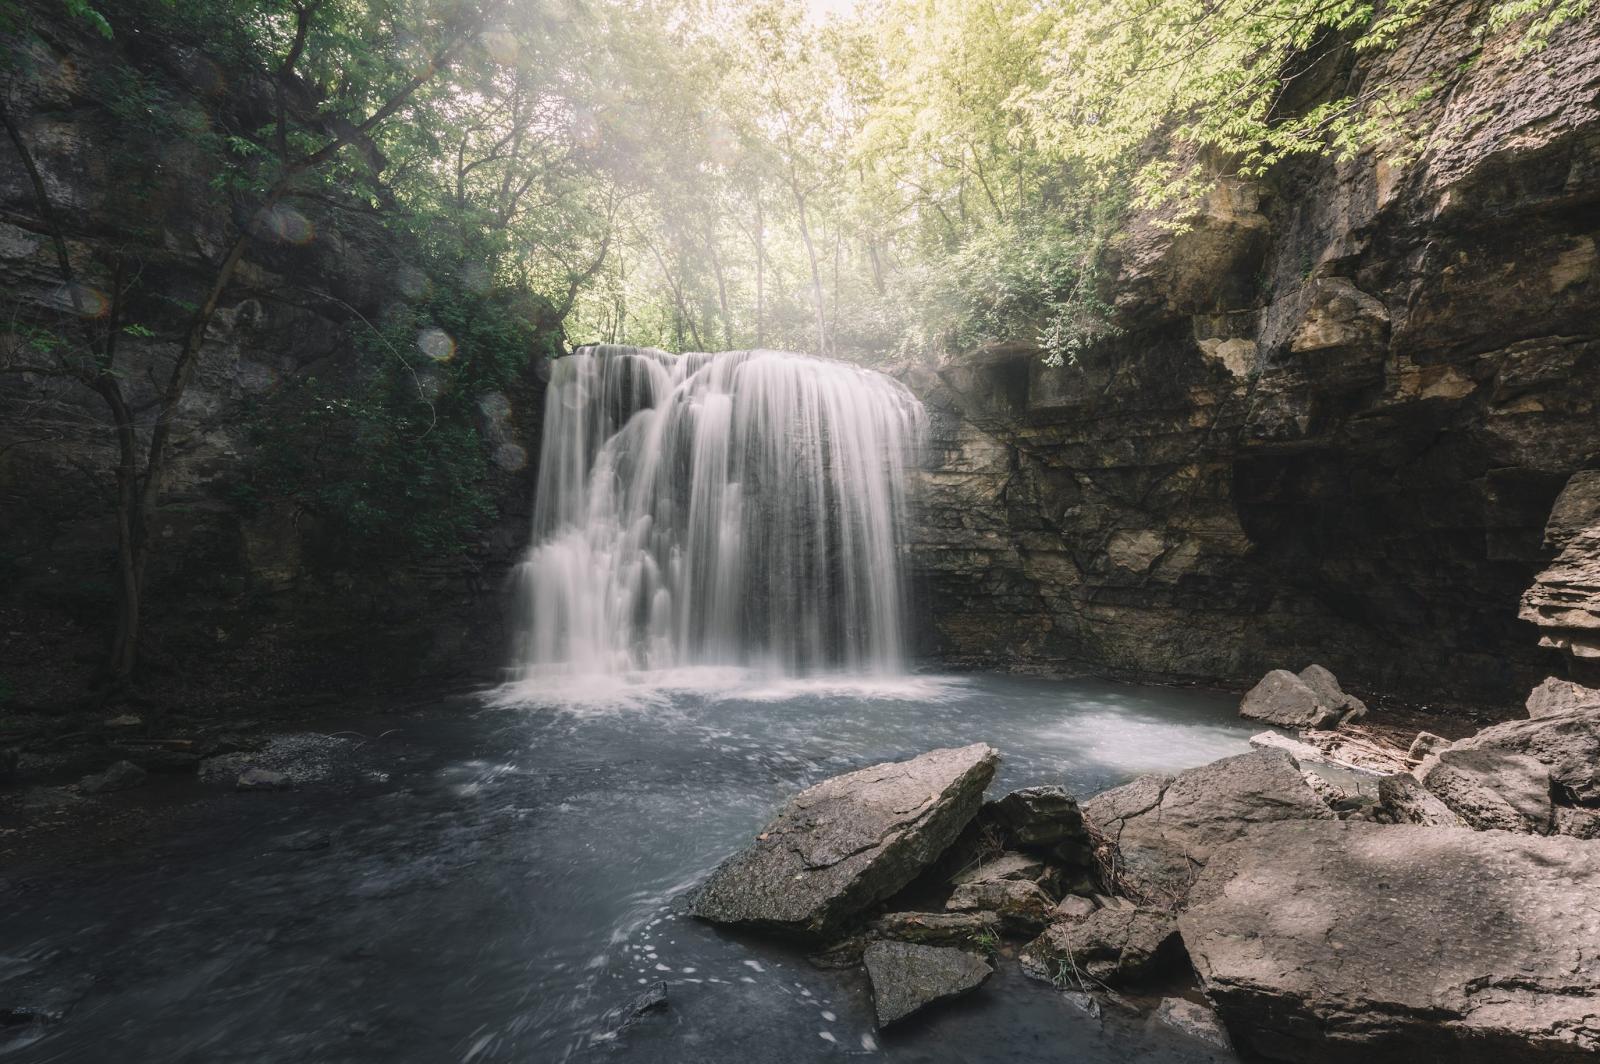 beautiful waterfall in a cavern